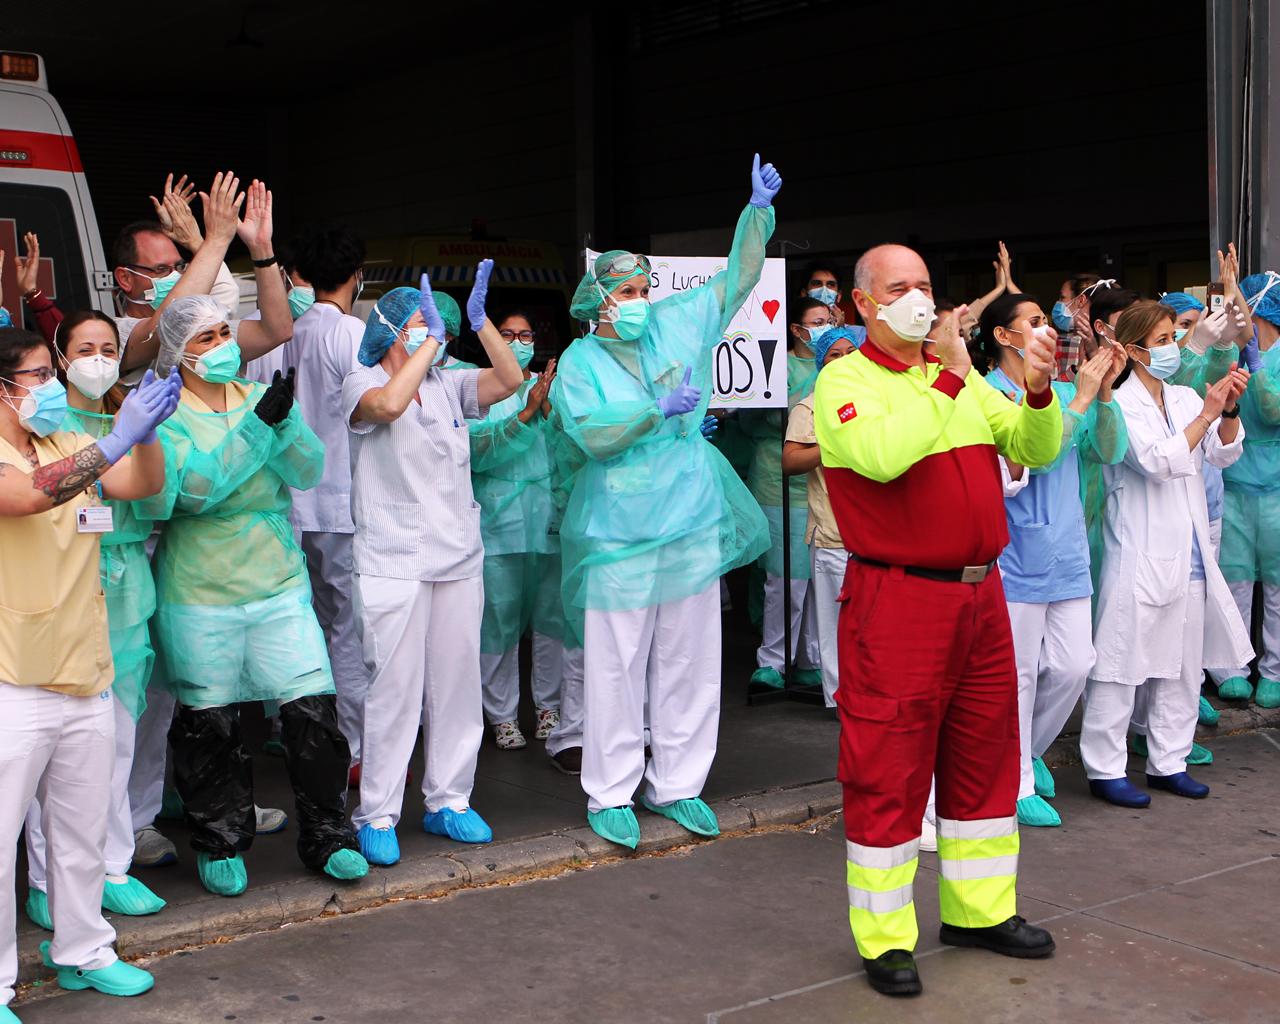 Sanitarios en el Hospital Infanta Sofía. S.S. Reyes. Madrid. 04/04/2020.